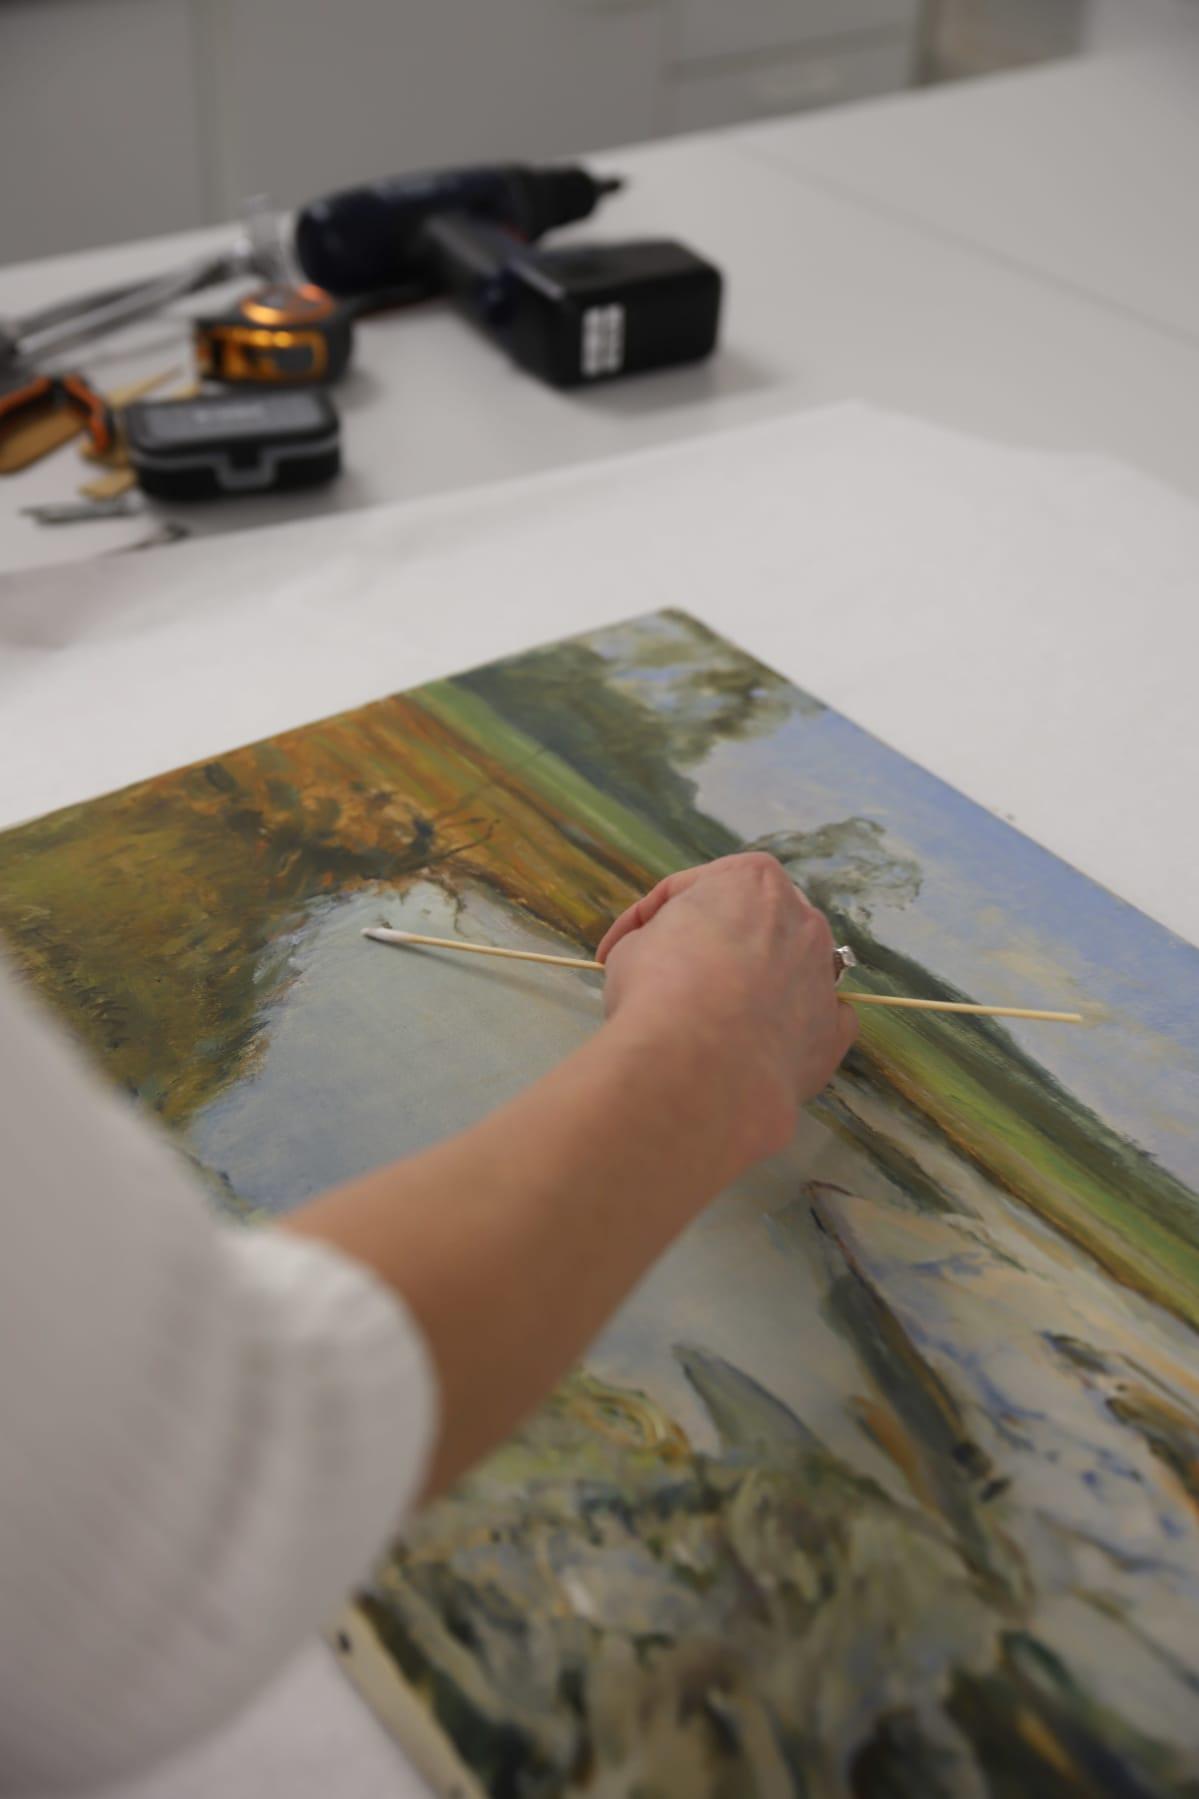 taidekonservaattori puhdistaa maalauksen pintaa